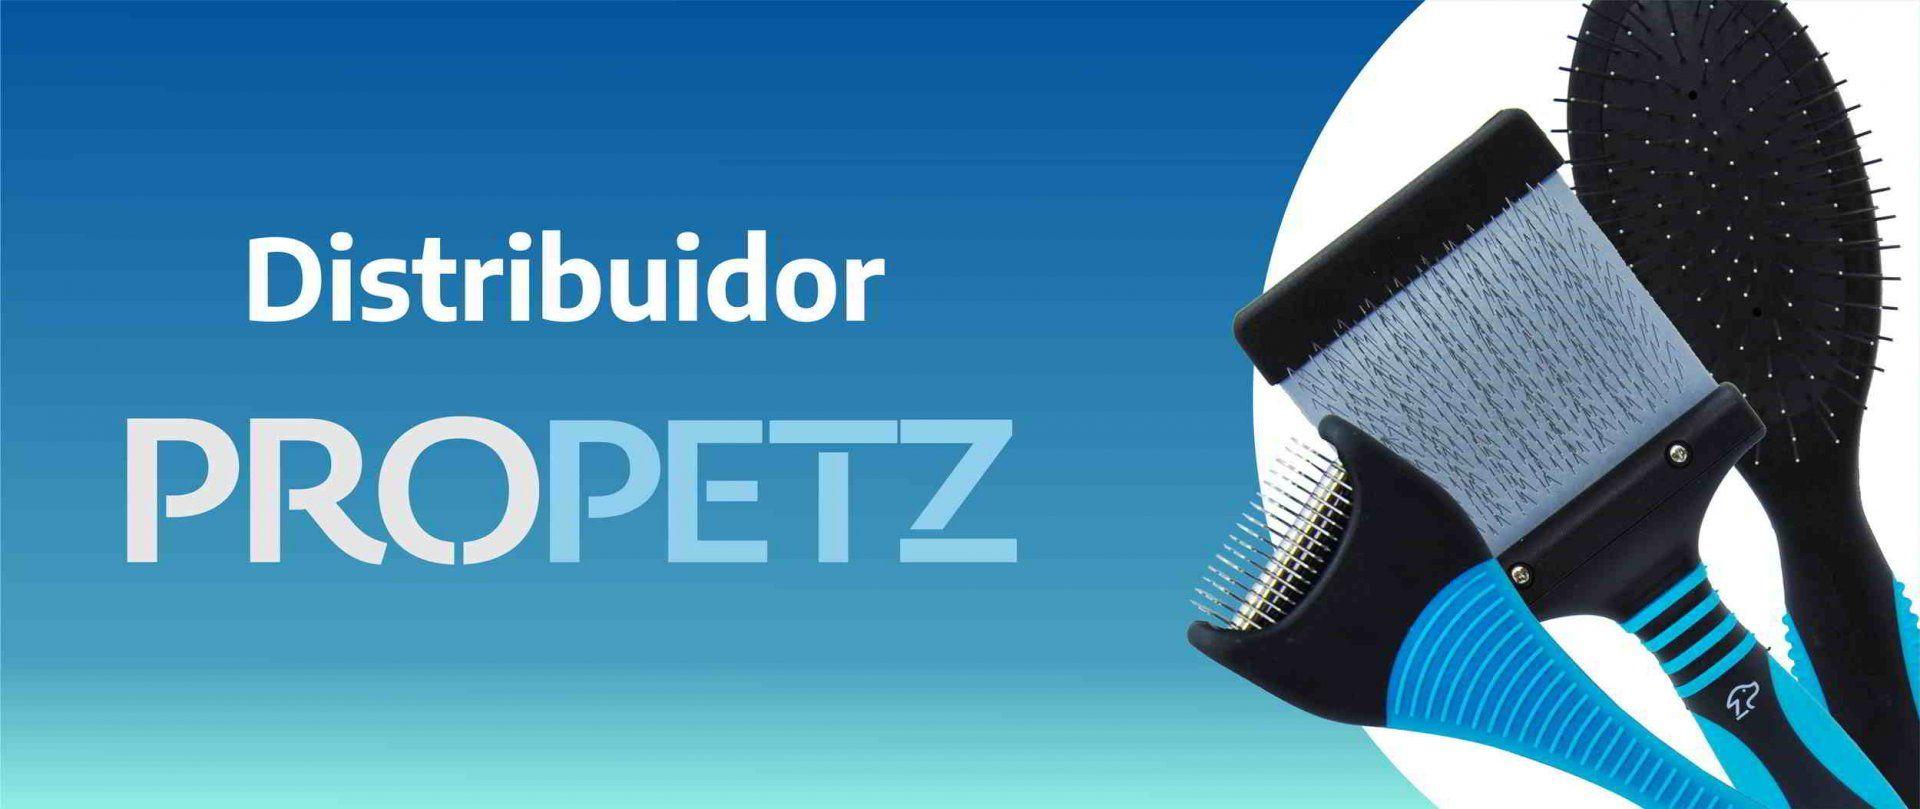 Produtos para cães e gatos, importador autorizado Oster, melhor preço do mercado, produto para pet shop, banho e tosa e ProPetz